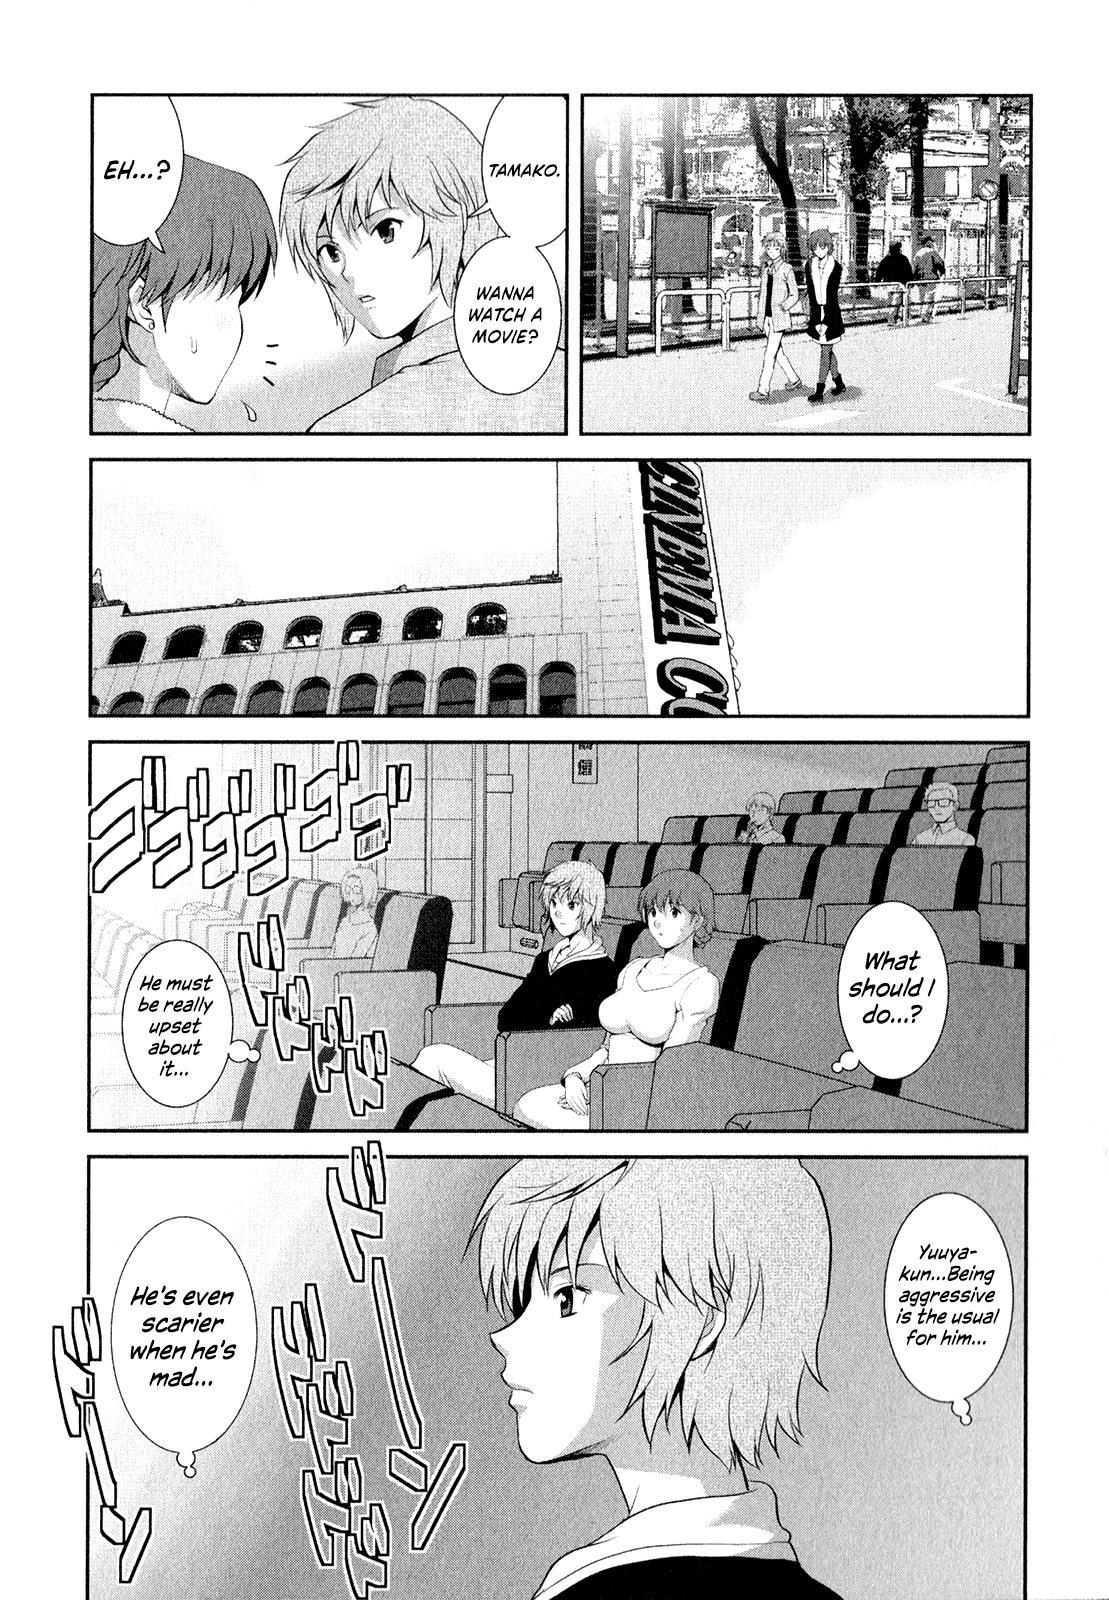 [Saigado] Hitozuma Audrey-san no Himitsu ~30-sai kara no Furyou Tsuma Kouza~ - Vol. 2 Ch. 9~12 [English] {Hennojin} 33